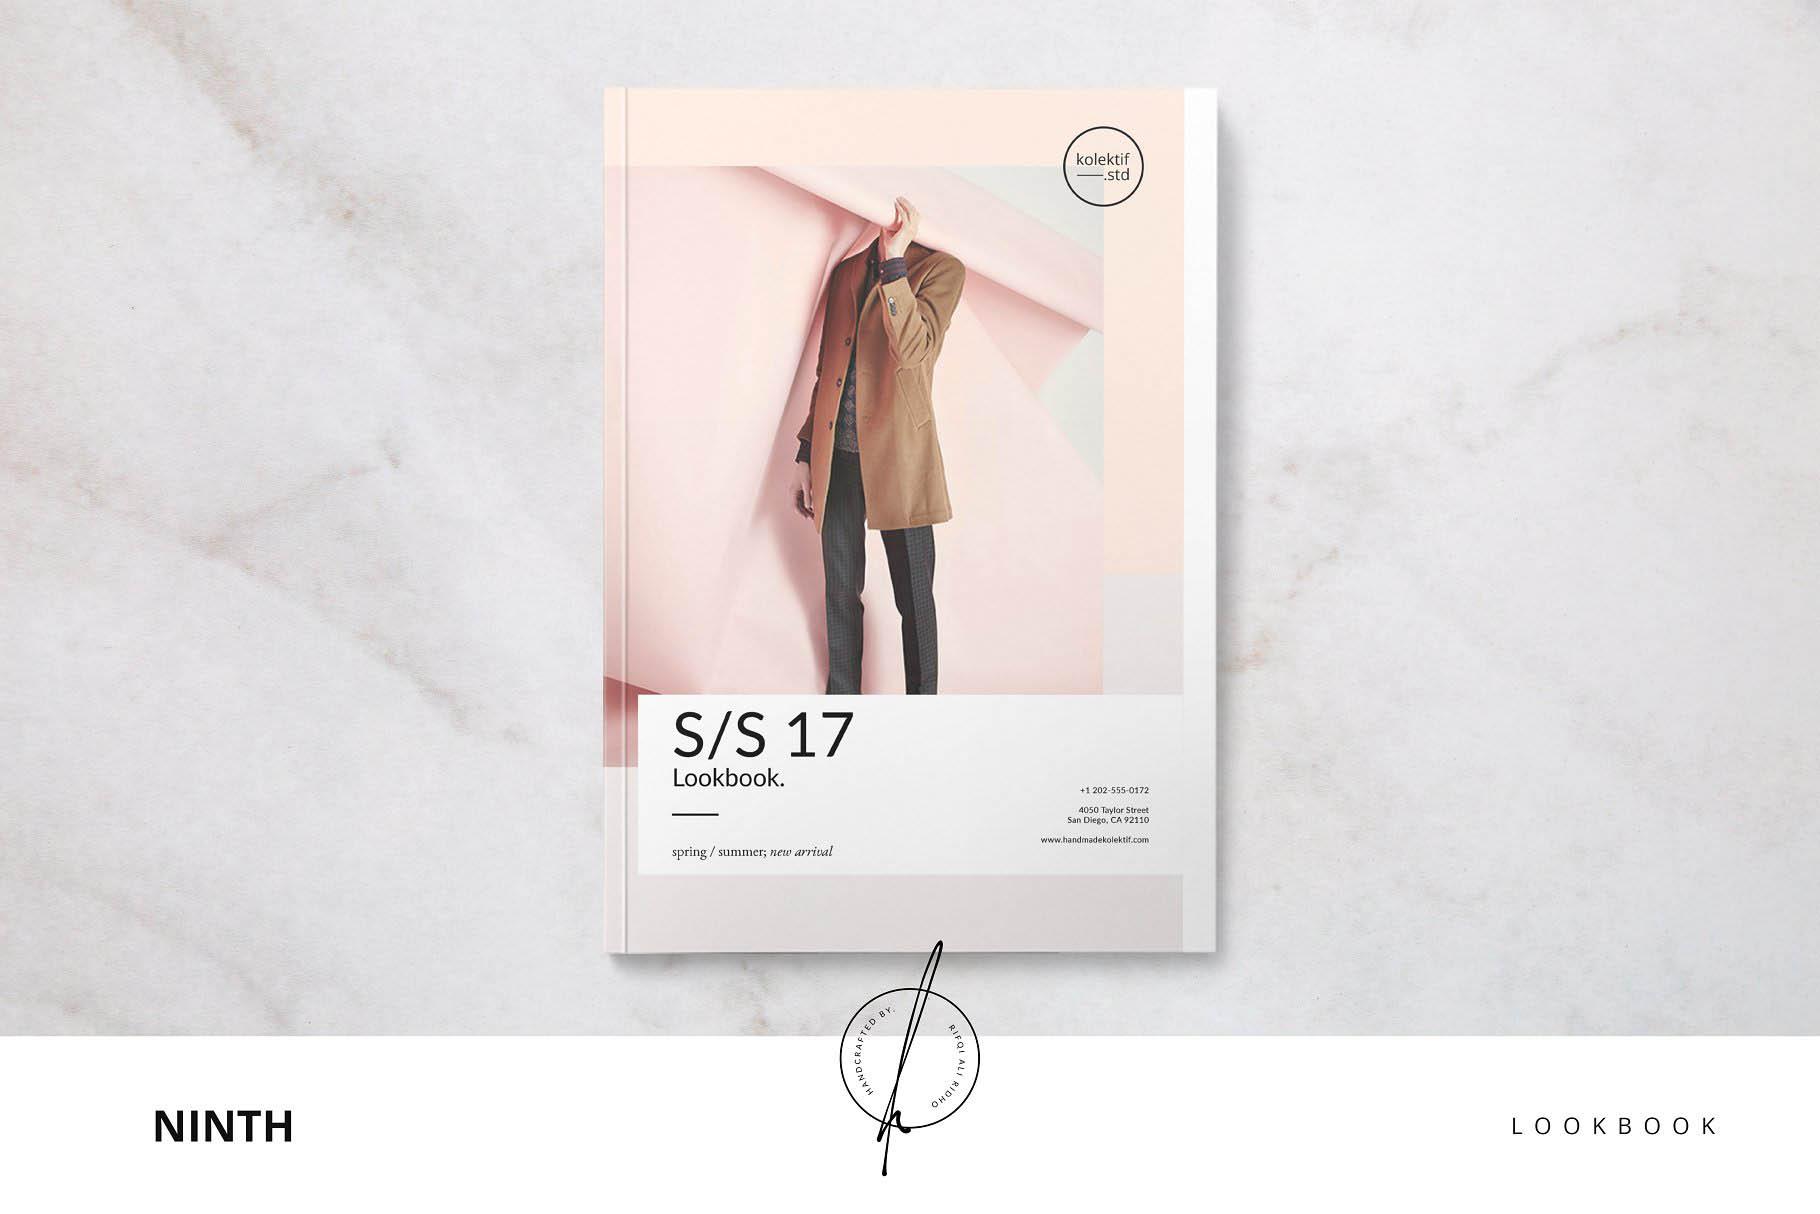 时尚杂志画册模板 Ninth Lookbook